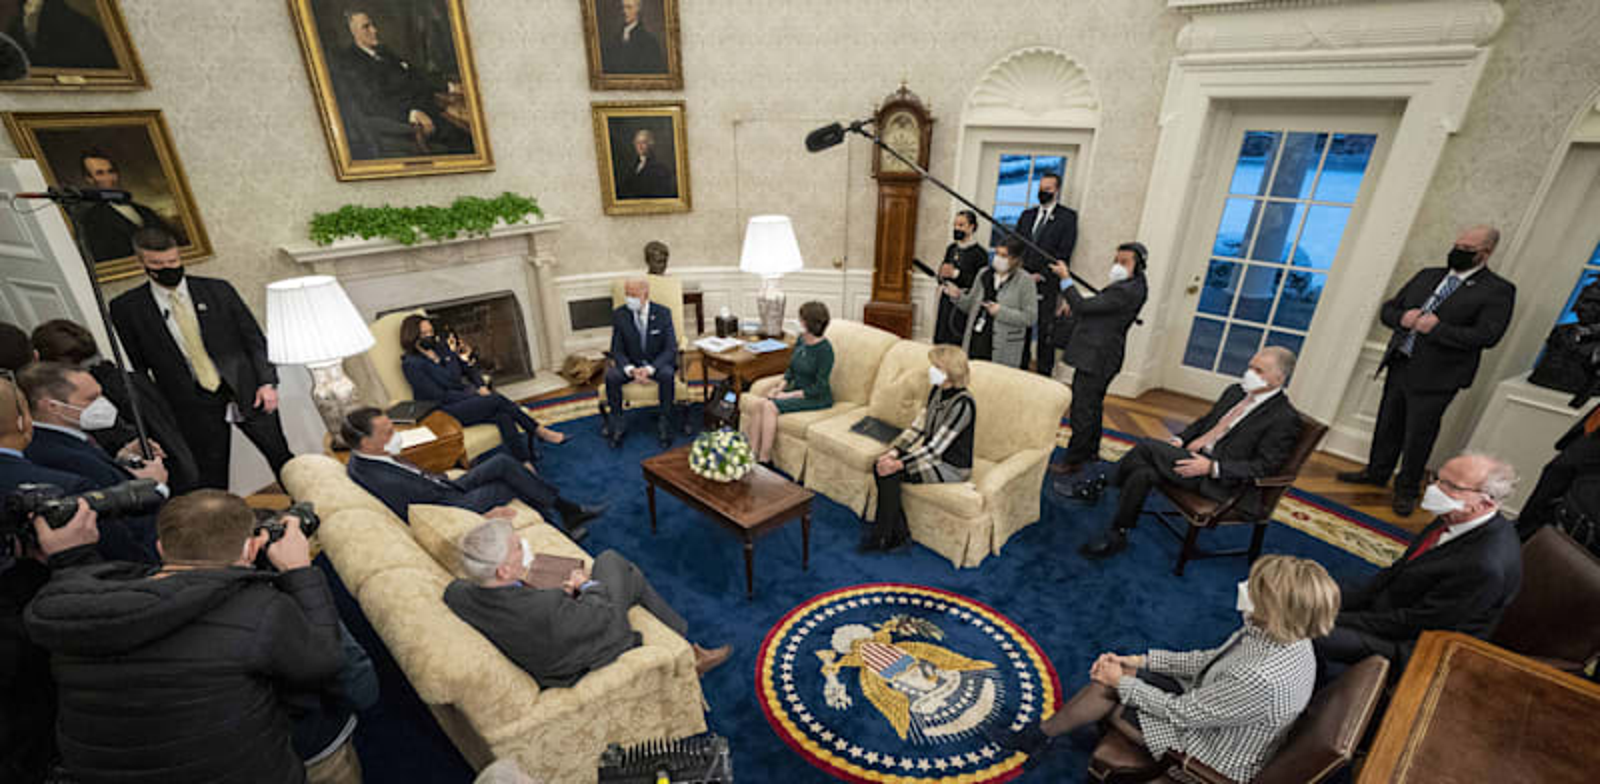 """נשיא ארה""""ב ג'ו ביידן במפגש עם סנאטורים רפובליקאים, השבוע / צילום: Reuters, Pool/ABACA"""